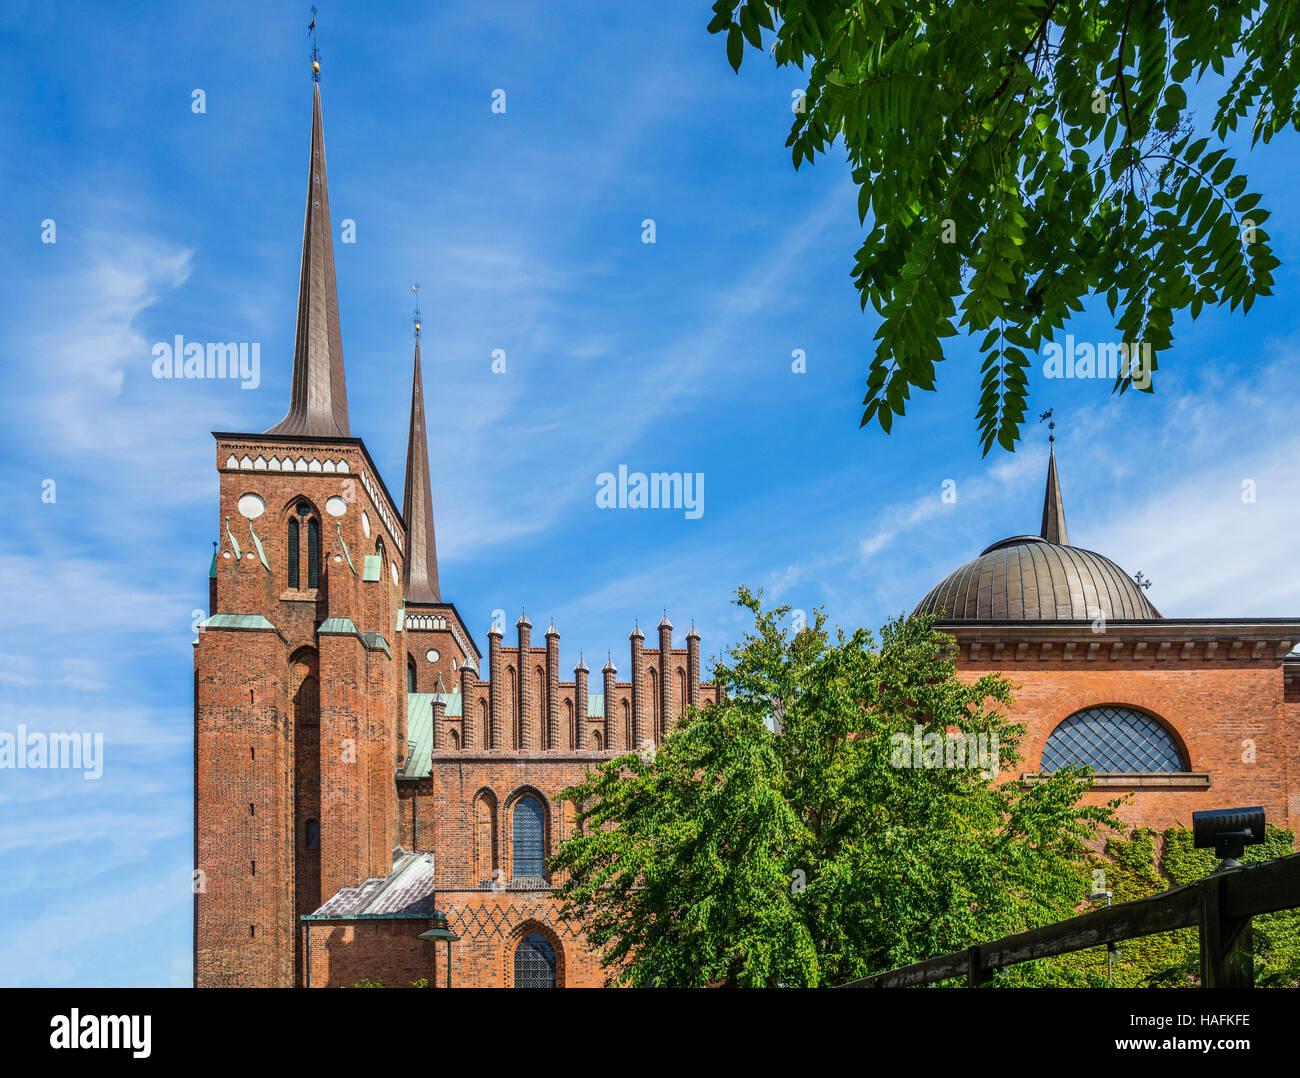 Dänemark, Seeland, Roskilde, Blick auf den Brick Gothic Roskilde Dom (Roskilde Domkirke) Stockbild